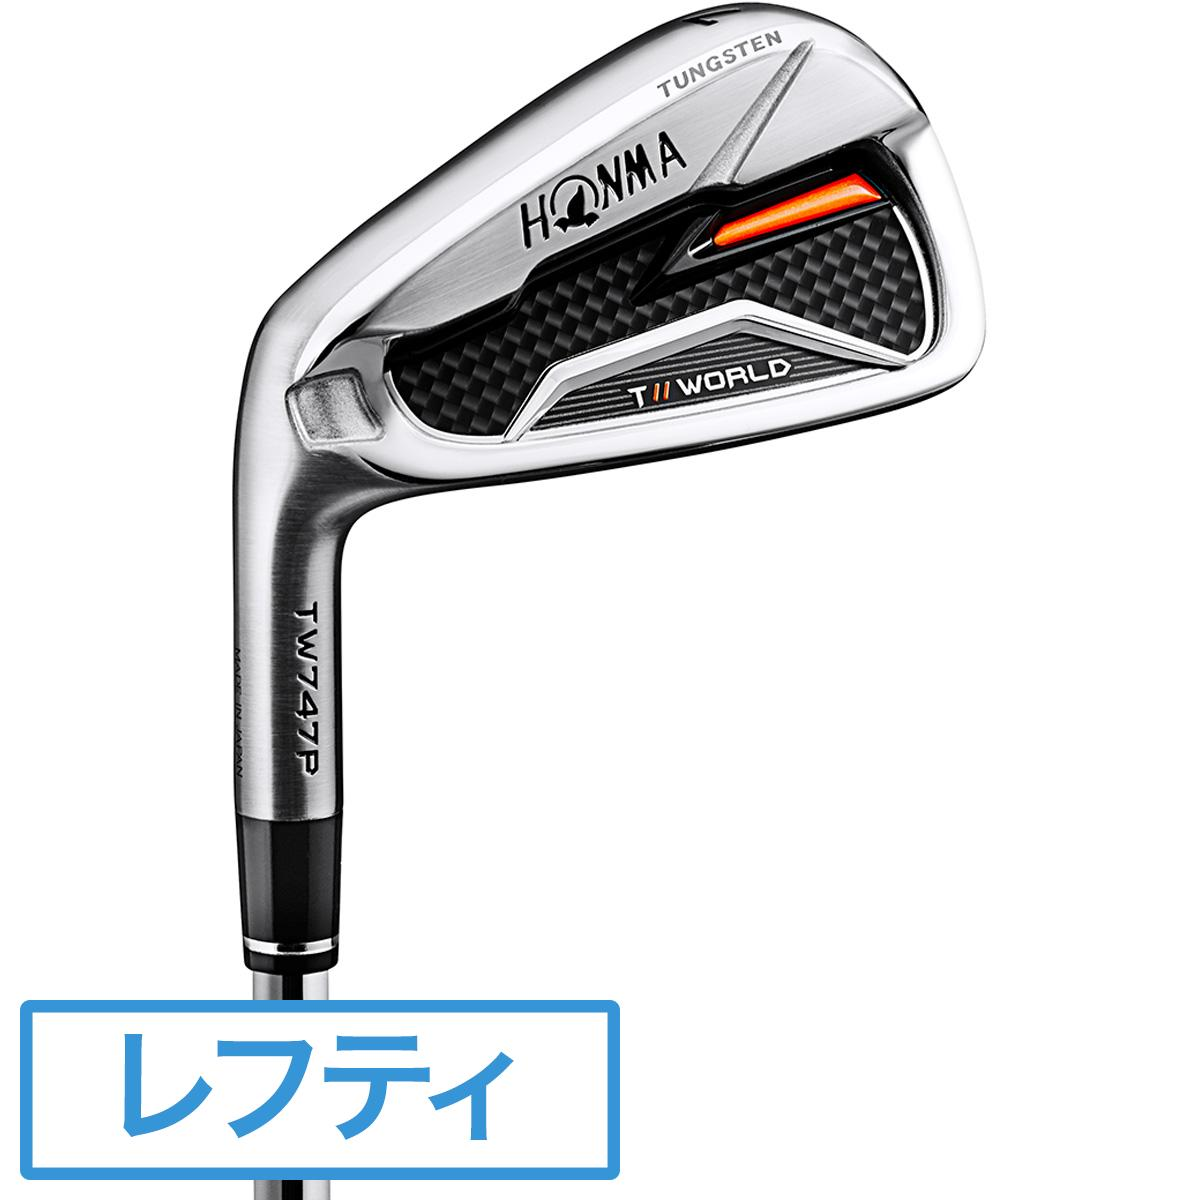 【4/14(日)までお得なクーポン配布中♪】本間ゴルフ TOUR WORLD ツアーワールド TW747 P アイアン(単品) N.S.PRO 950GH レフティ